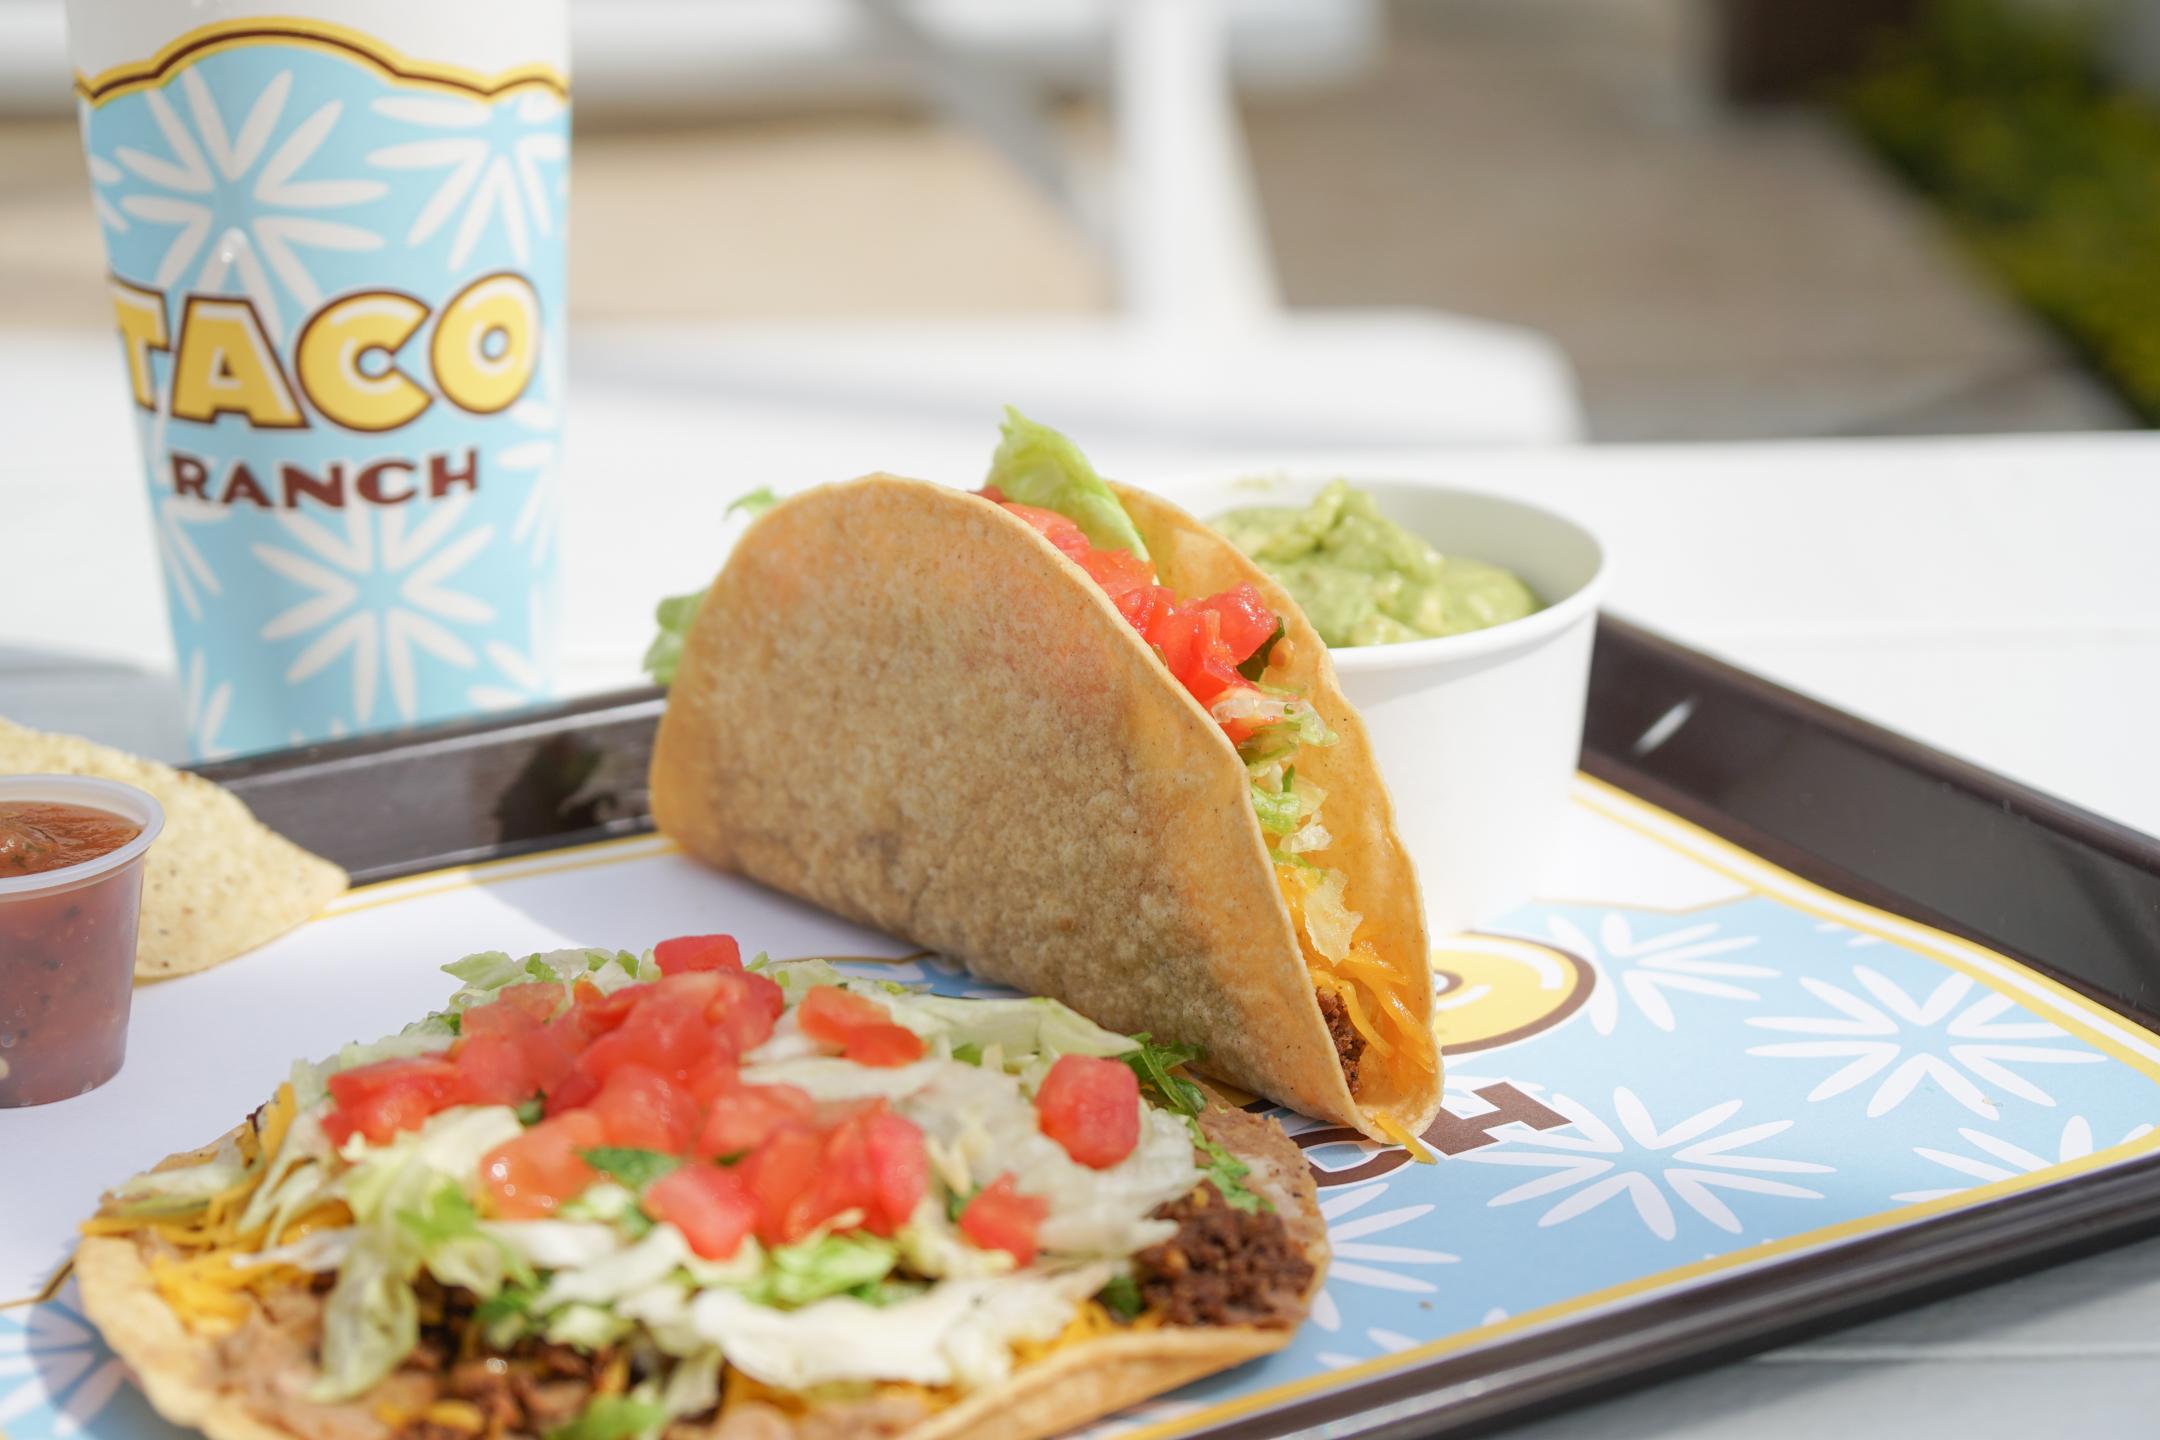 A crispy taco from Taco Ranch